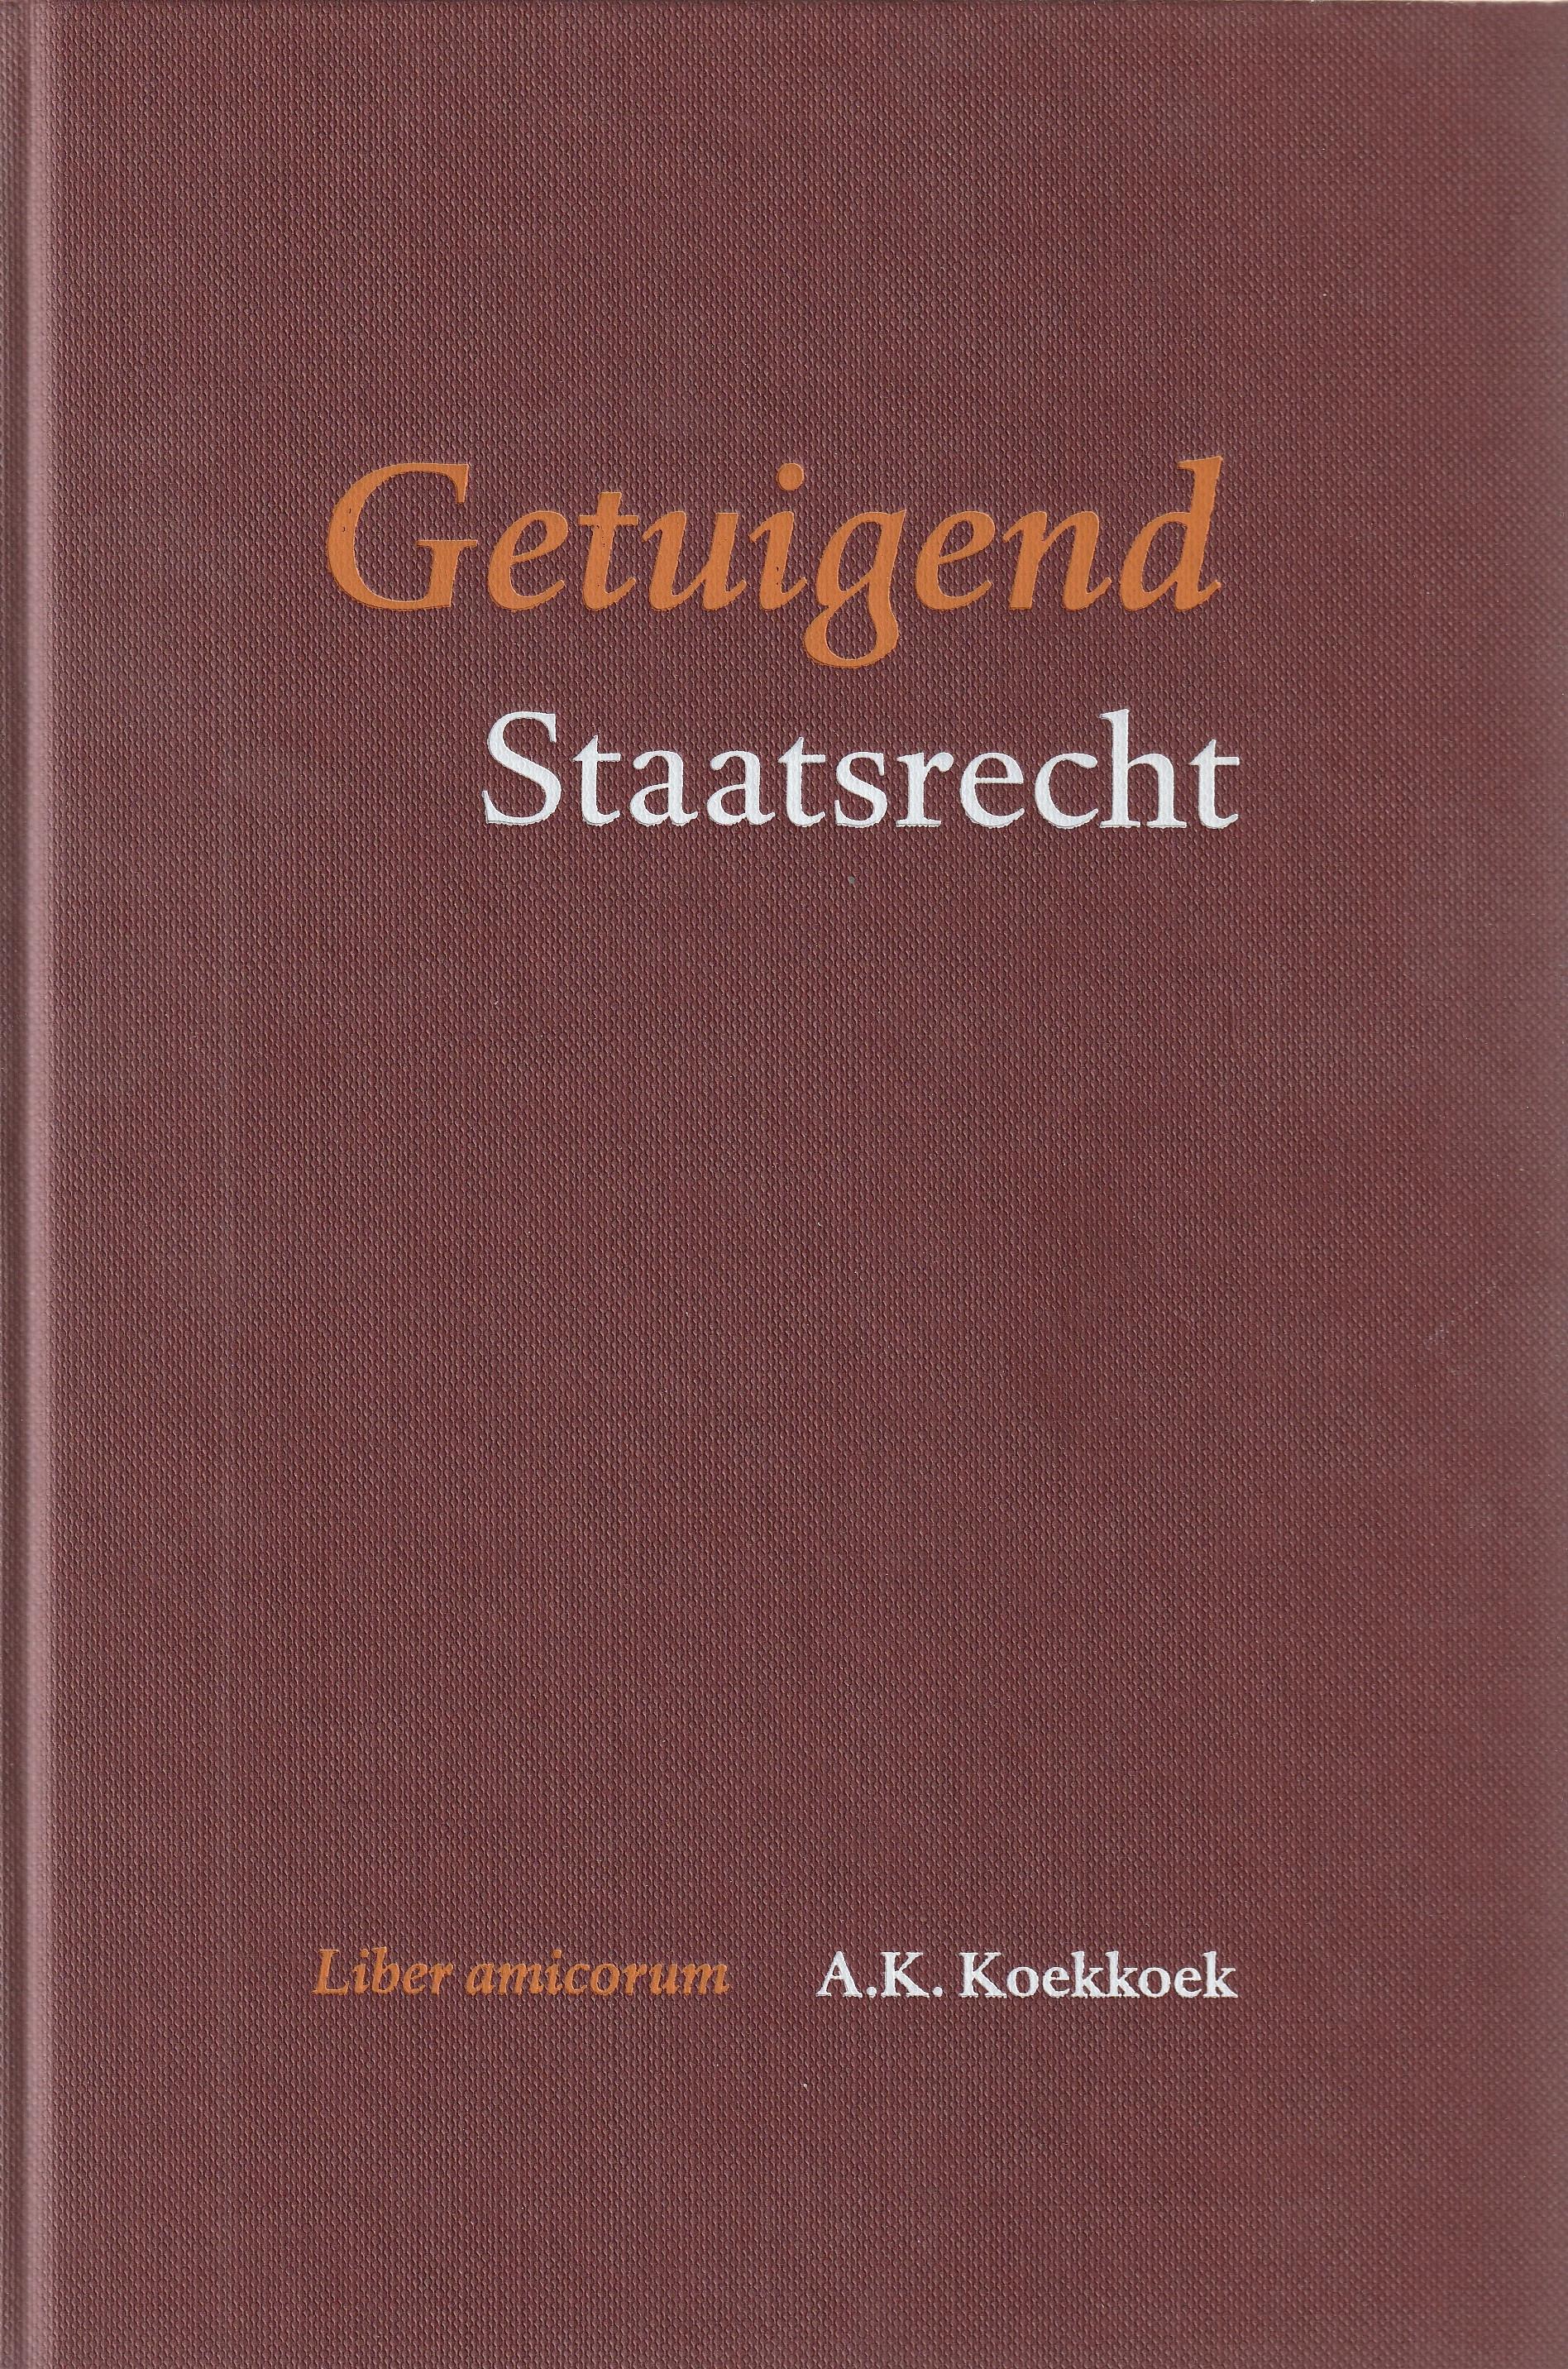 Getuigend staatsrecht : liber amicorum A.K. Koekkoek.